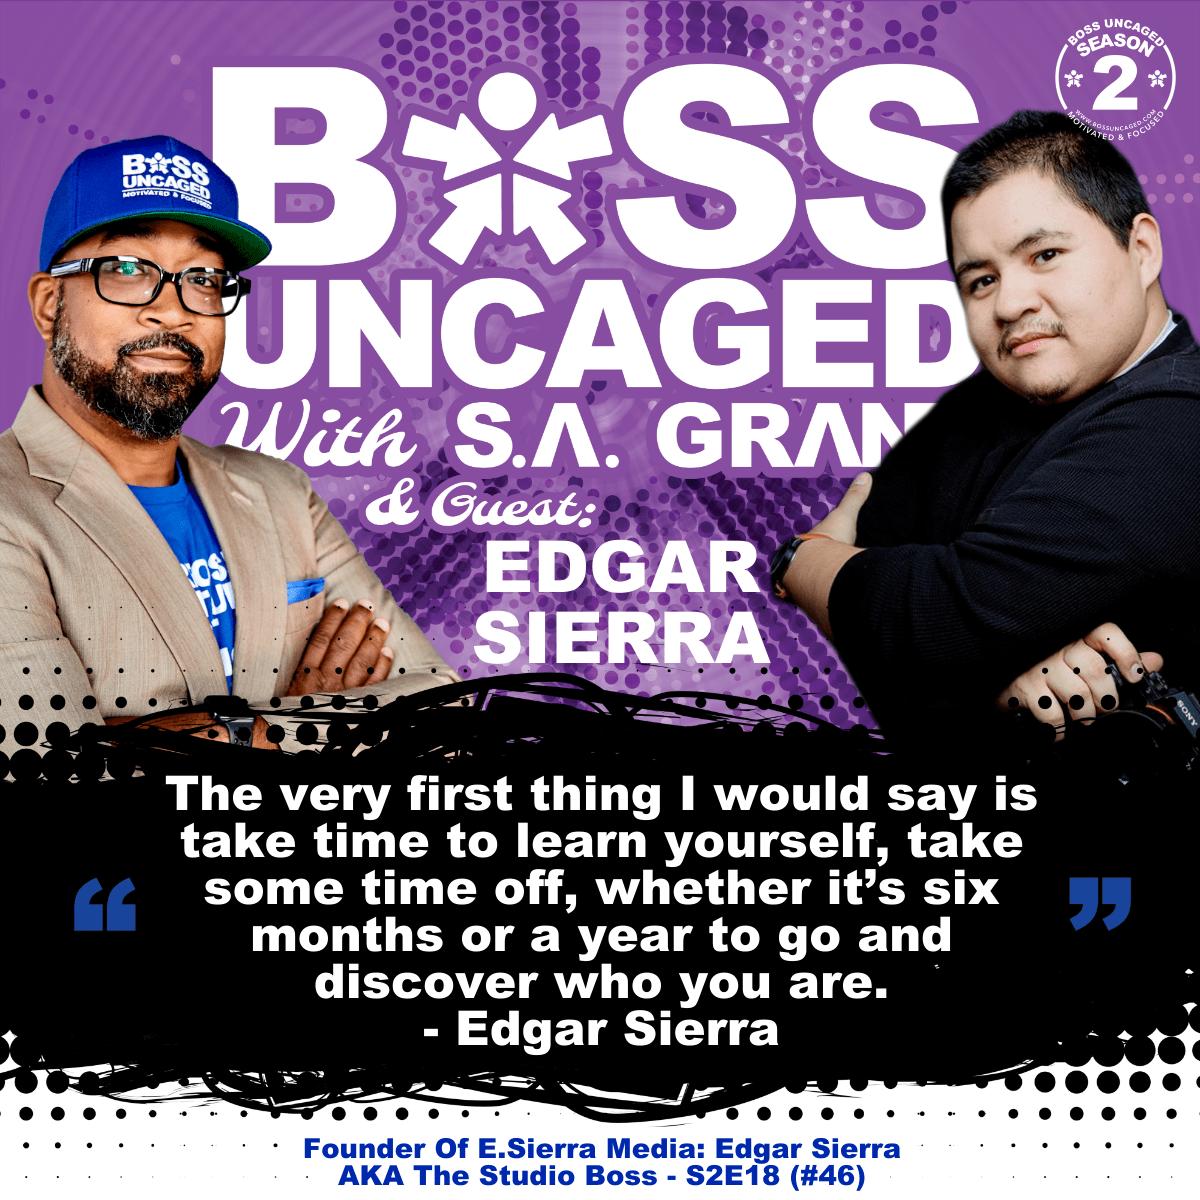 Founder Of E.Sierra Media: Edgar Sierra AKA The Studio Boss - S2E18 (#46)